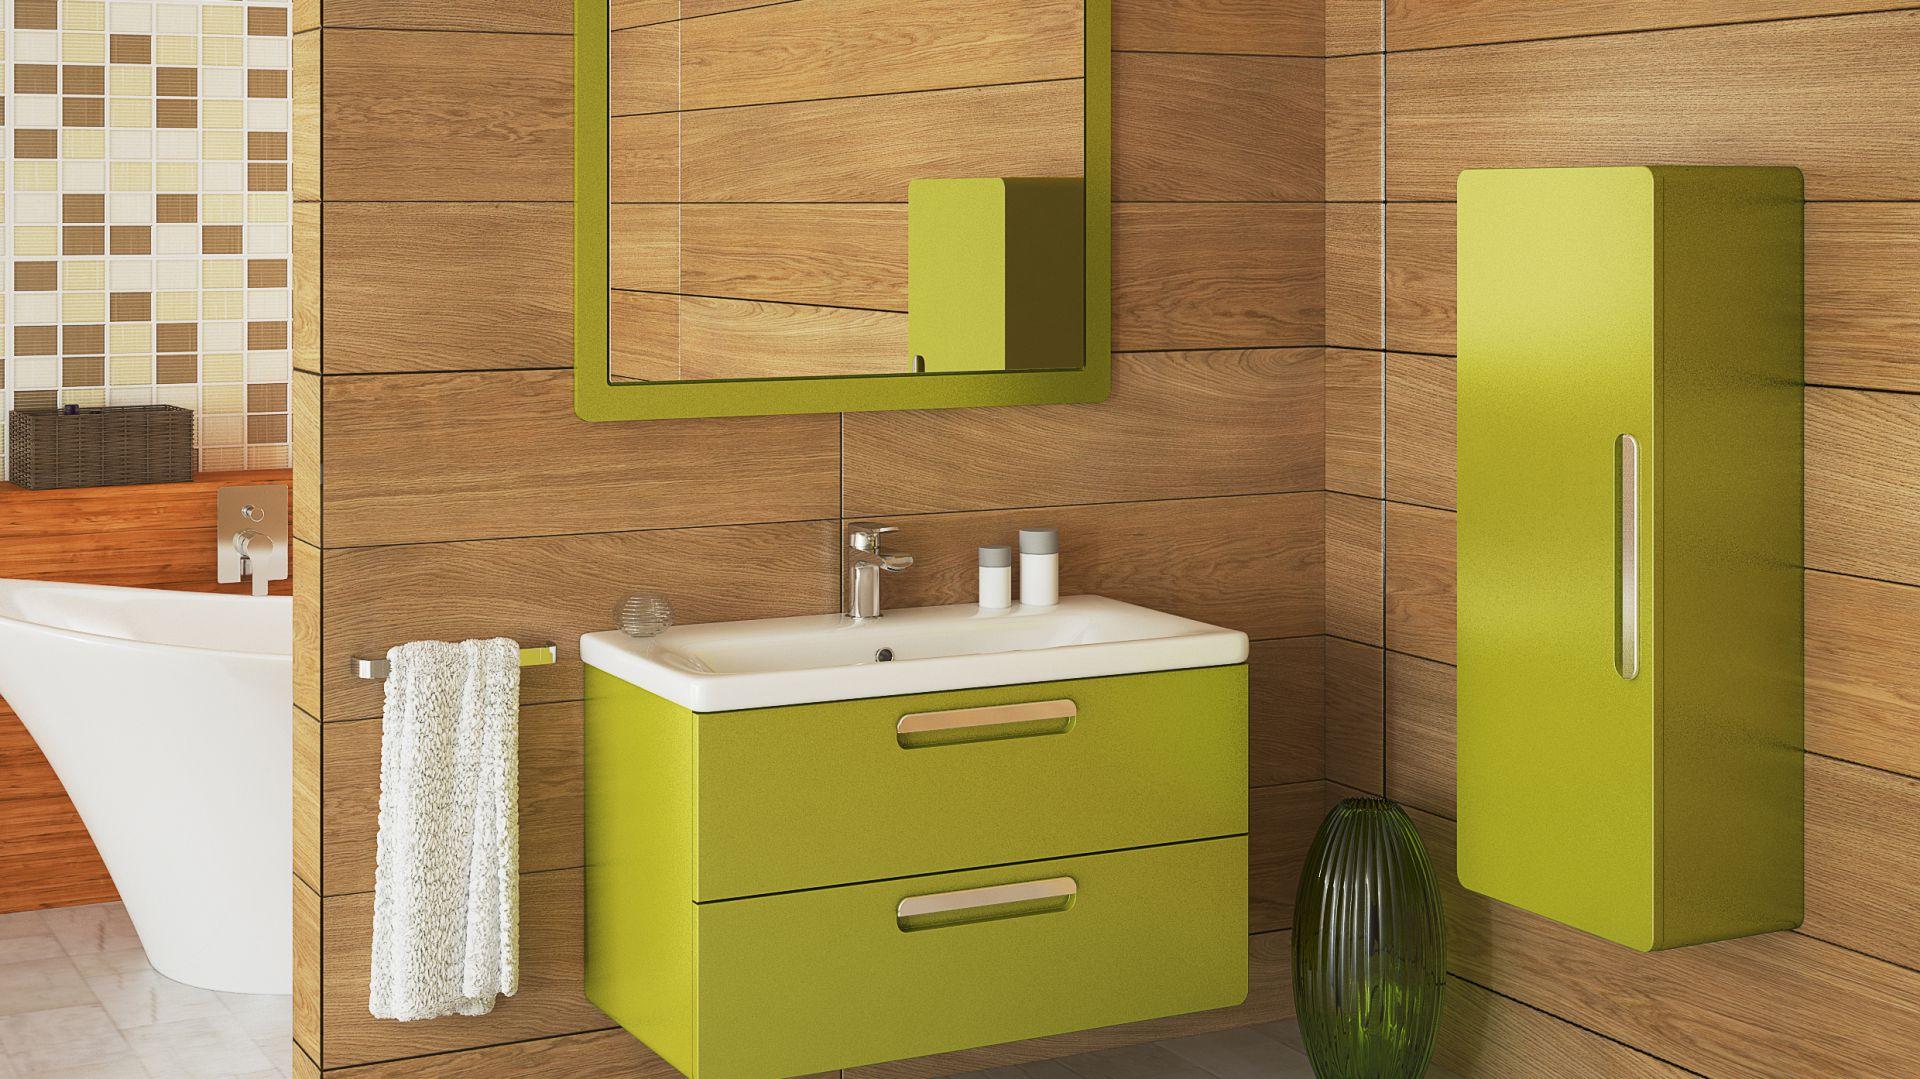 Zestaw mebli łazienkowych Sonus F54 lakierowanych na modny zielony kolor firmy Devo, www.devo.pl. Fot. Devo